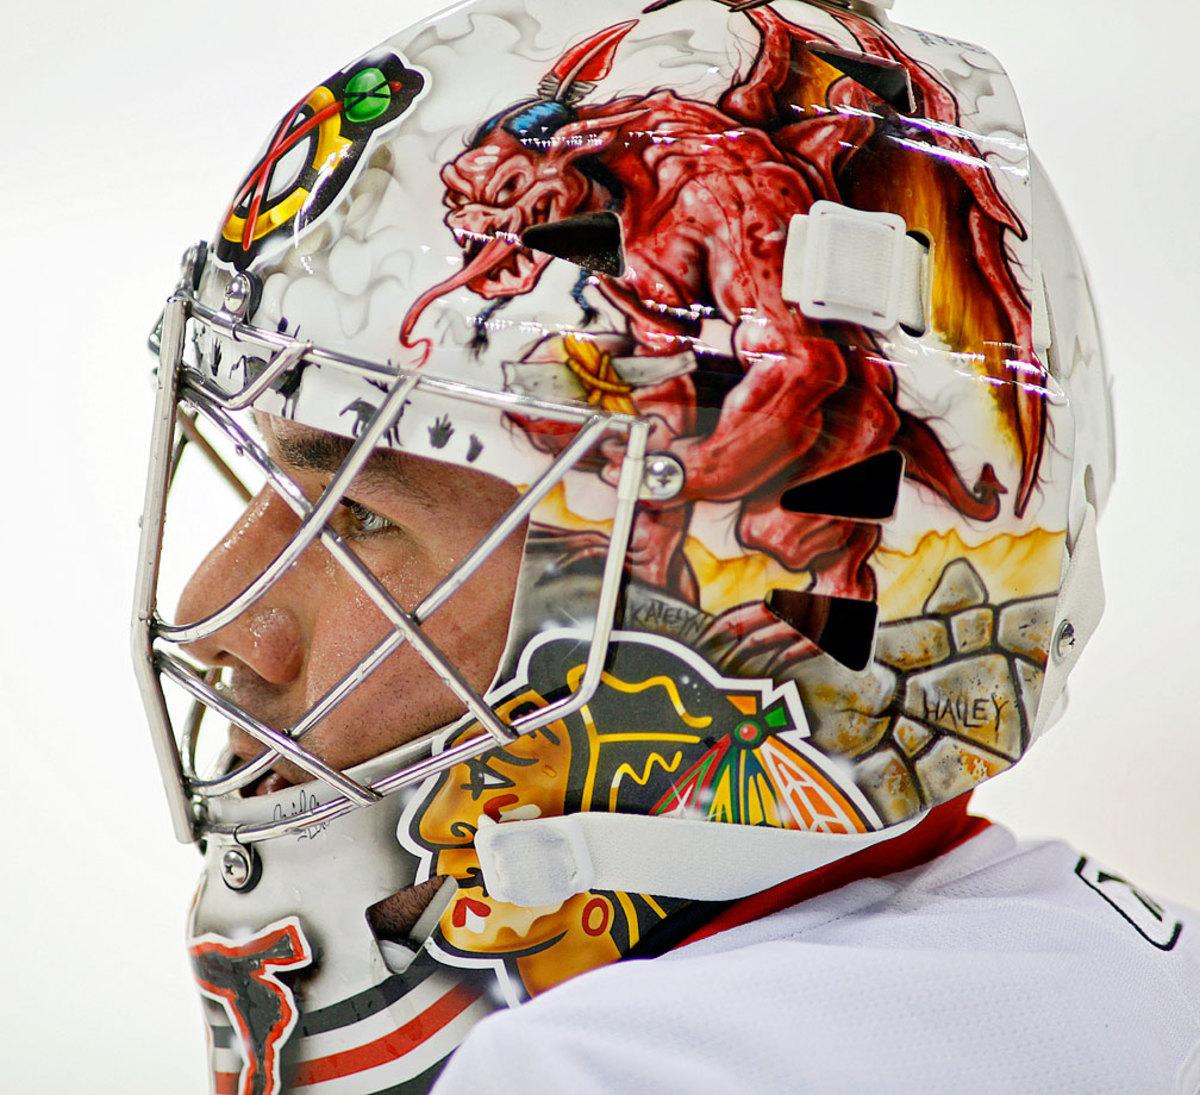 2010-11-Marty-Turco-goalie-mask.jpg